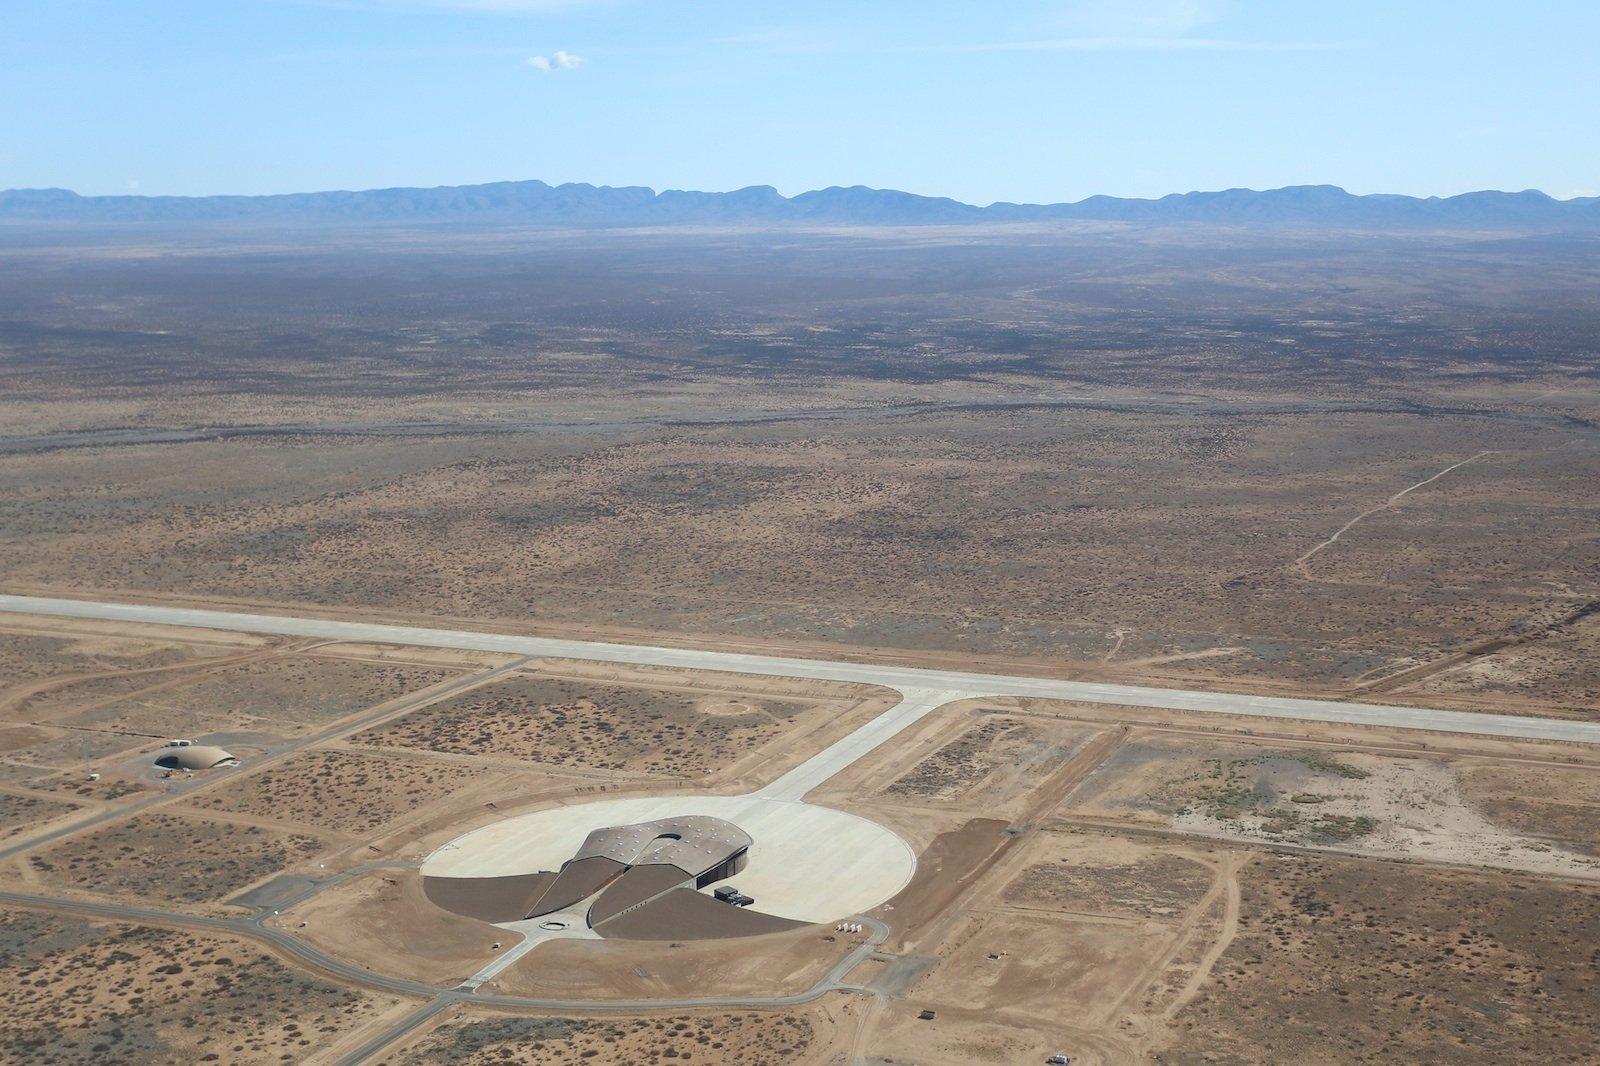 Hier, auf dem Gelände von Spaceport America, testet Google derzeit seine Solardrohnen für schnelles Internet.